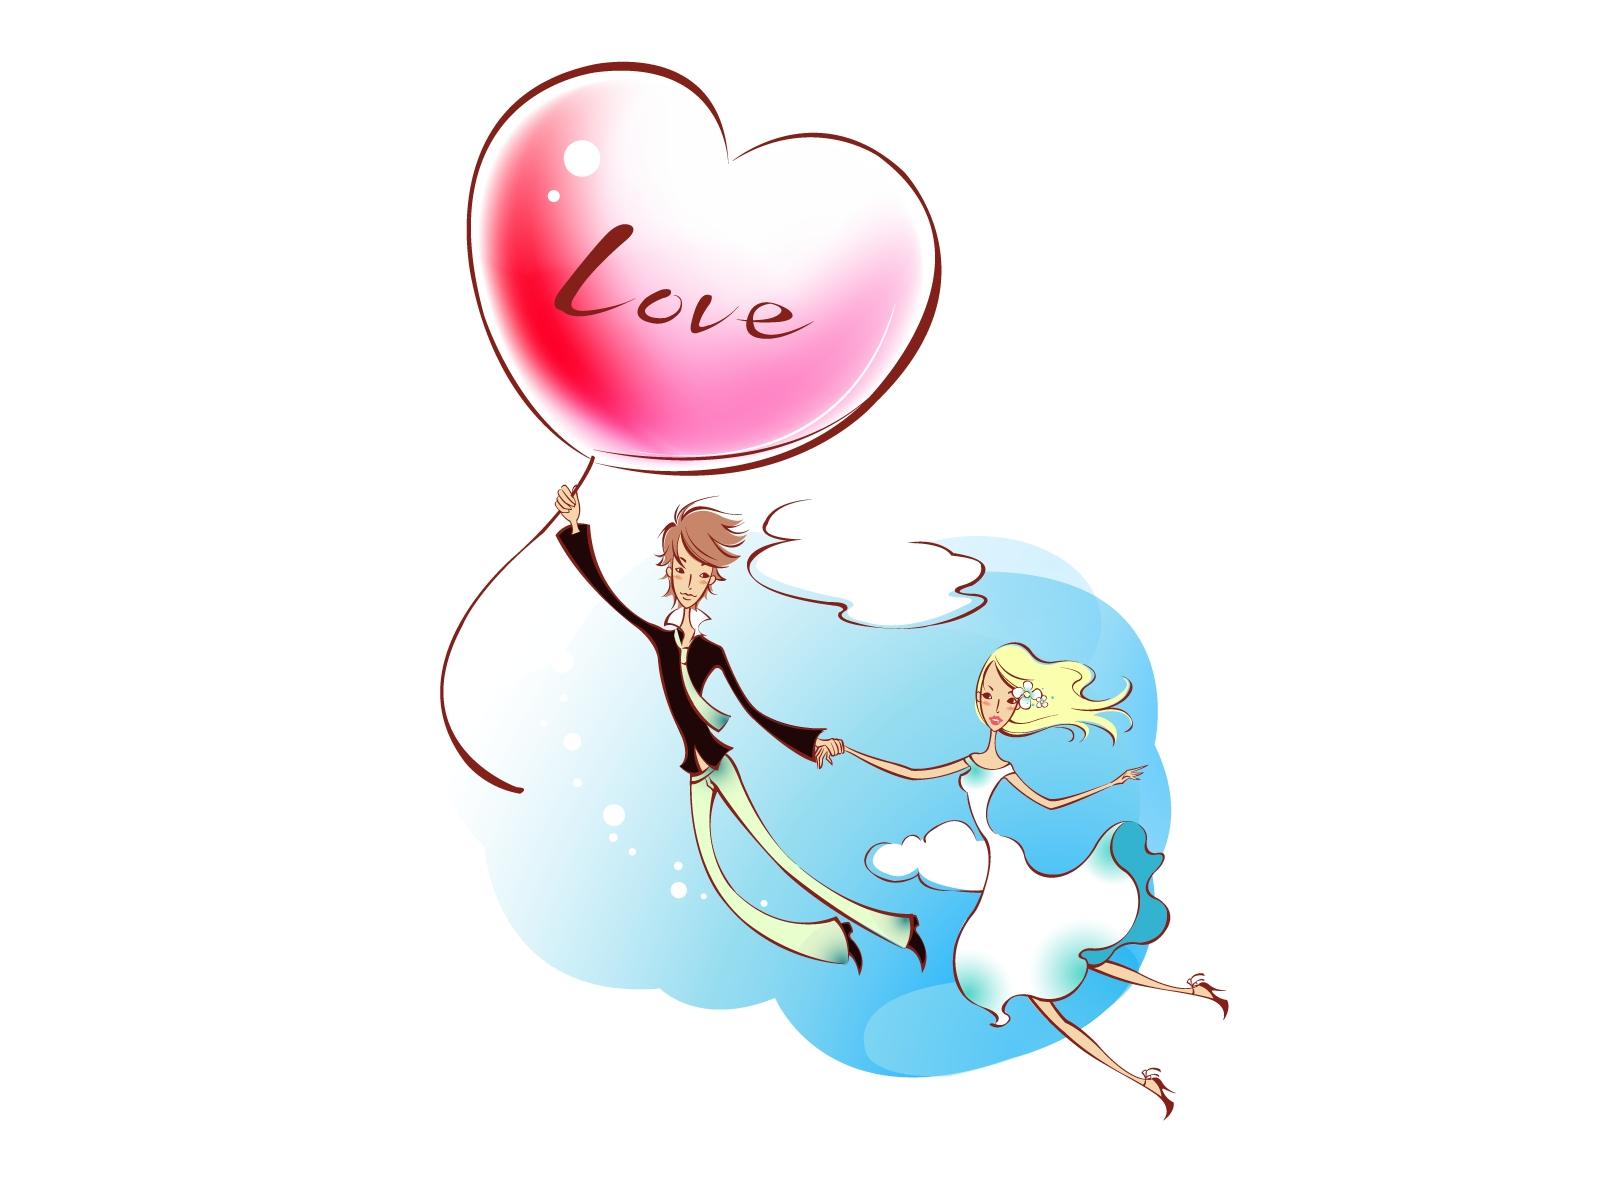 Sfondi disegno illustrazione amore cuore cartone